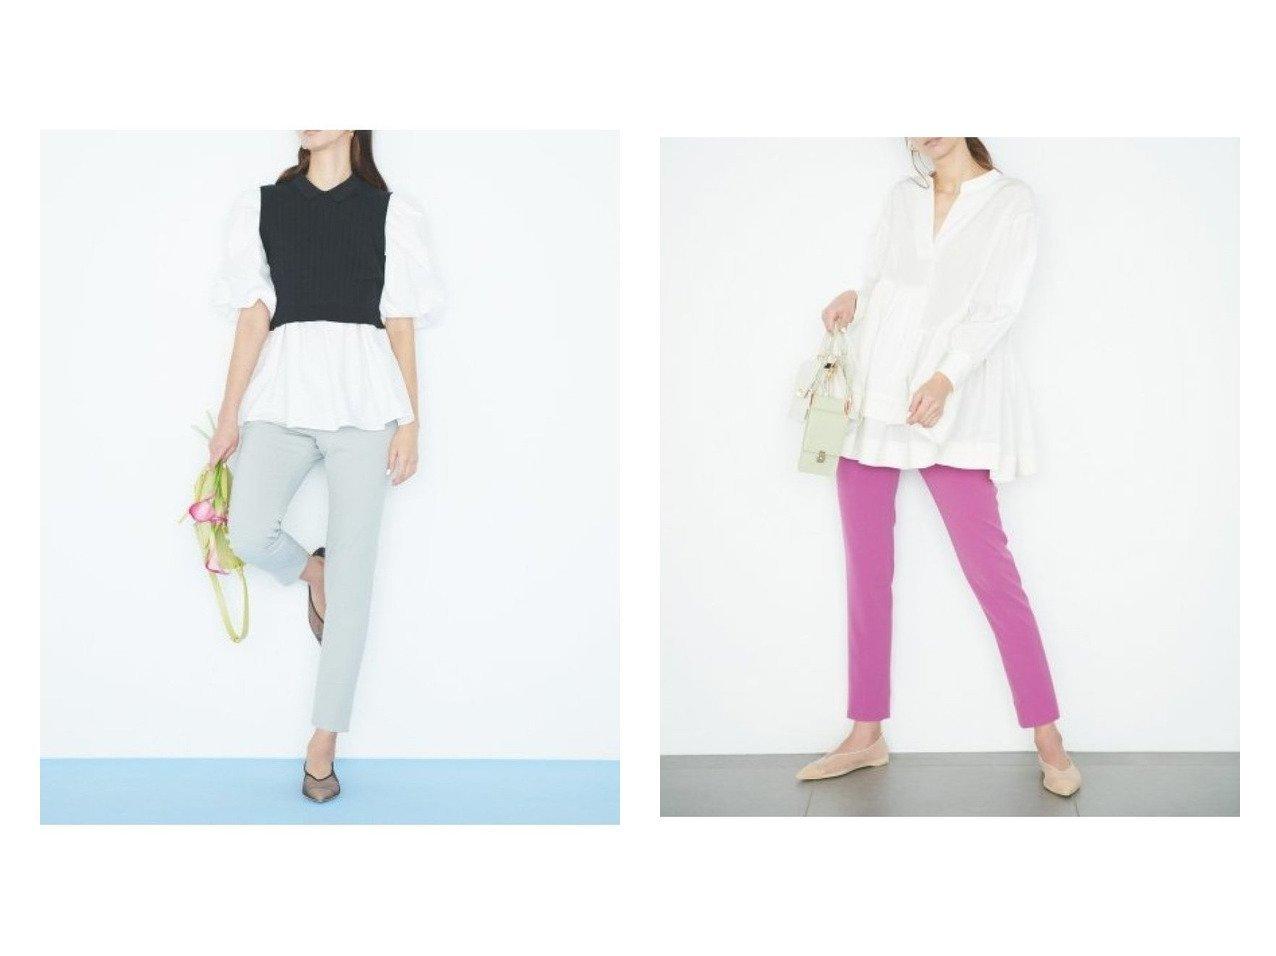 【CELFORD/セルフォード】のカラースティックパンツ パンツのおすすめ!人気、トレンド・レディースファッションの通販 おすすめで人気の流行・トレンド、ファッションの通販商品 メンズファッション・キッズファッション・インテリア・家具・レディースファッション・服の通販 founy(ファニー) https://founy.com/ ファッション Fashion レディースファッション WOMEN パンツ Pants NEW・新作・新着・新入荷 New Arrivals ウォッシャブル ジーンズ ストレッチ バランス ベーシック 再入荷 Restock/Back in Stock/Re Arrival 定番 Standard |ID:crp329100000011718